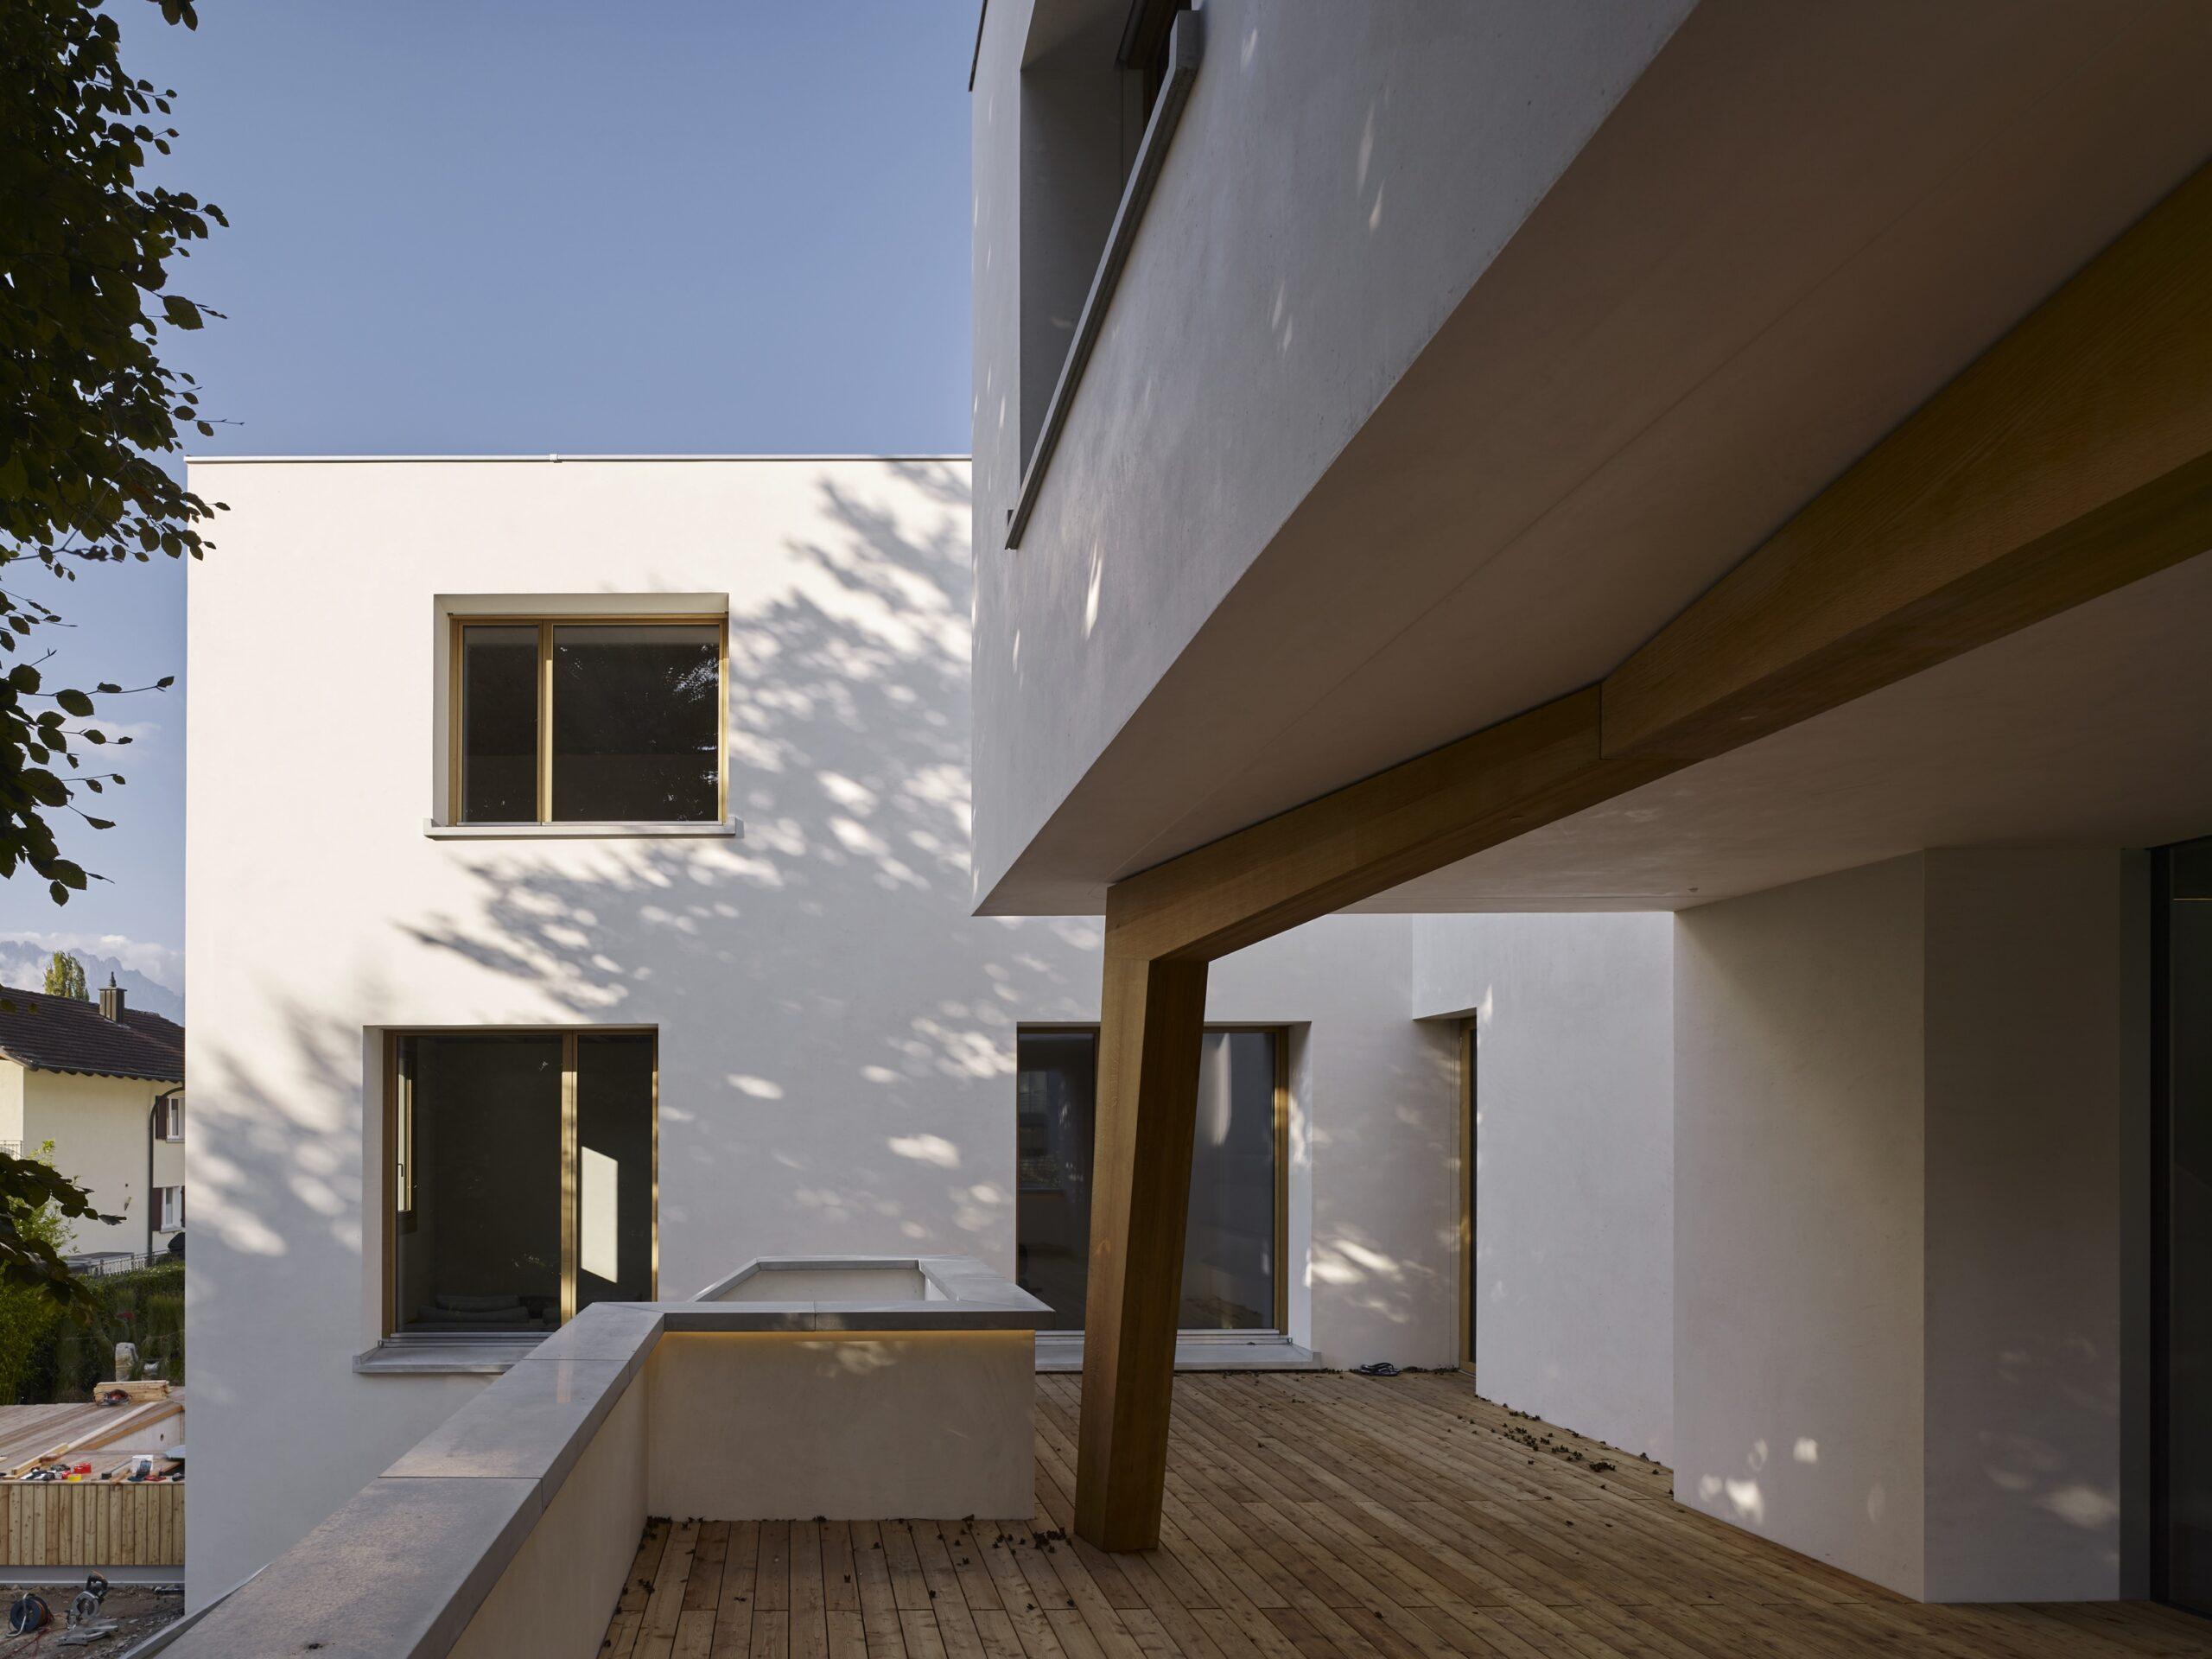 Haus Holdergasse, Terrasse und Fassade, BE Architekten, Olex, Marc Lins